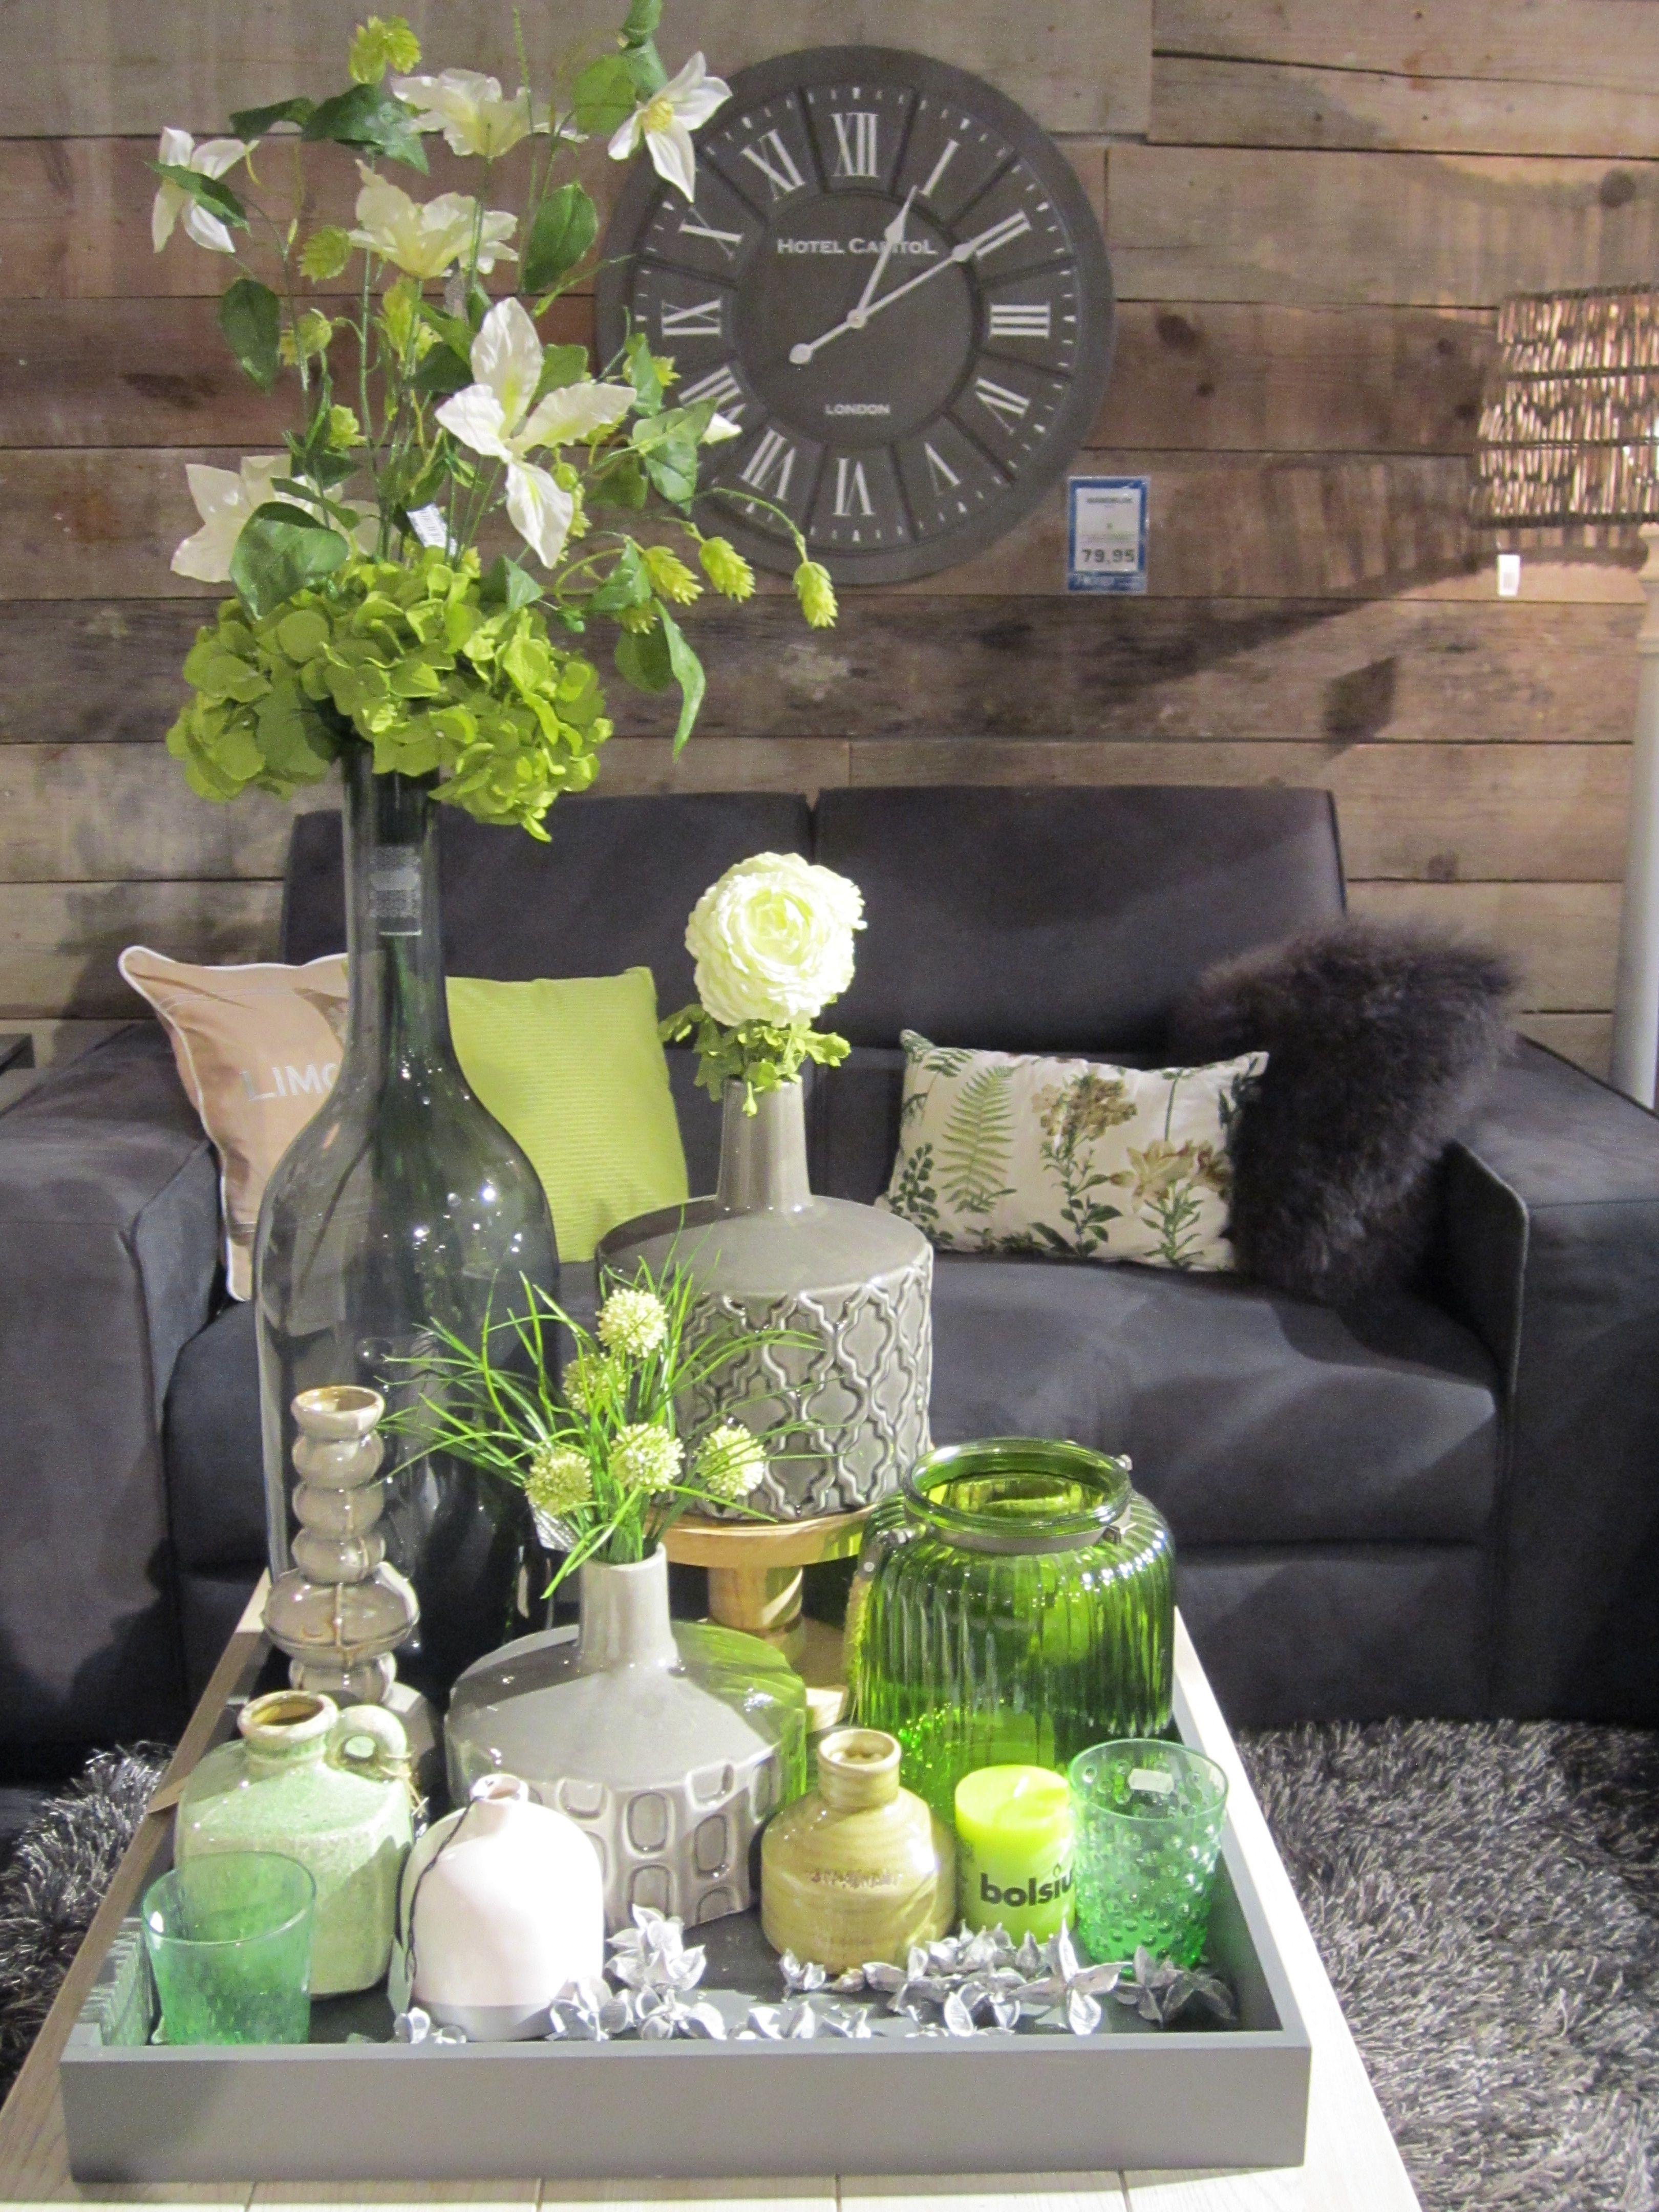 Klok bloemen vaas inspiratie decoratie living home pronto wonen kaarsenhouder - Decoratie new england ...